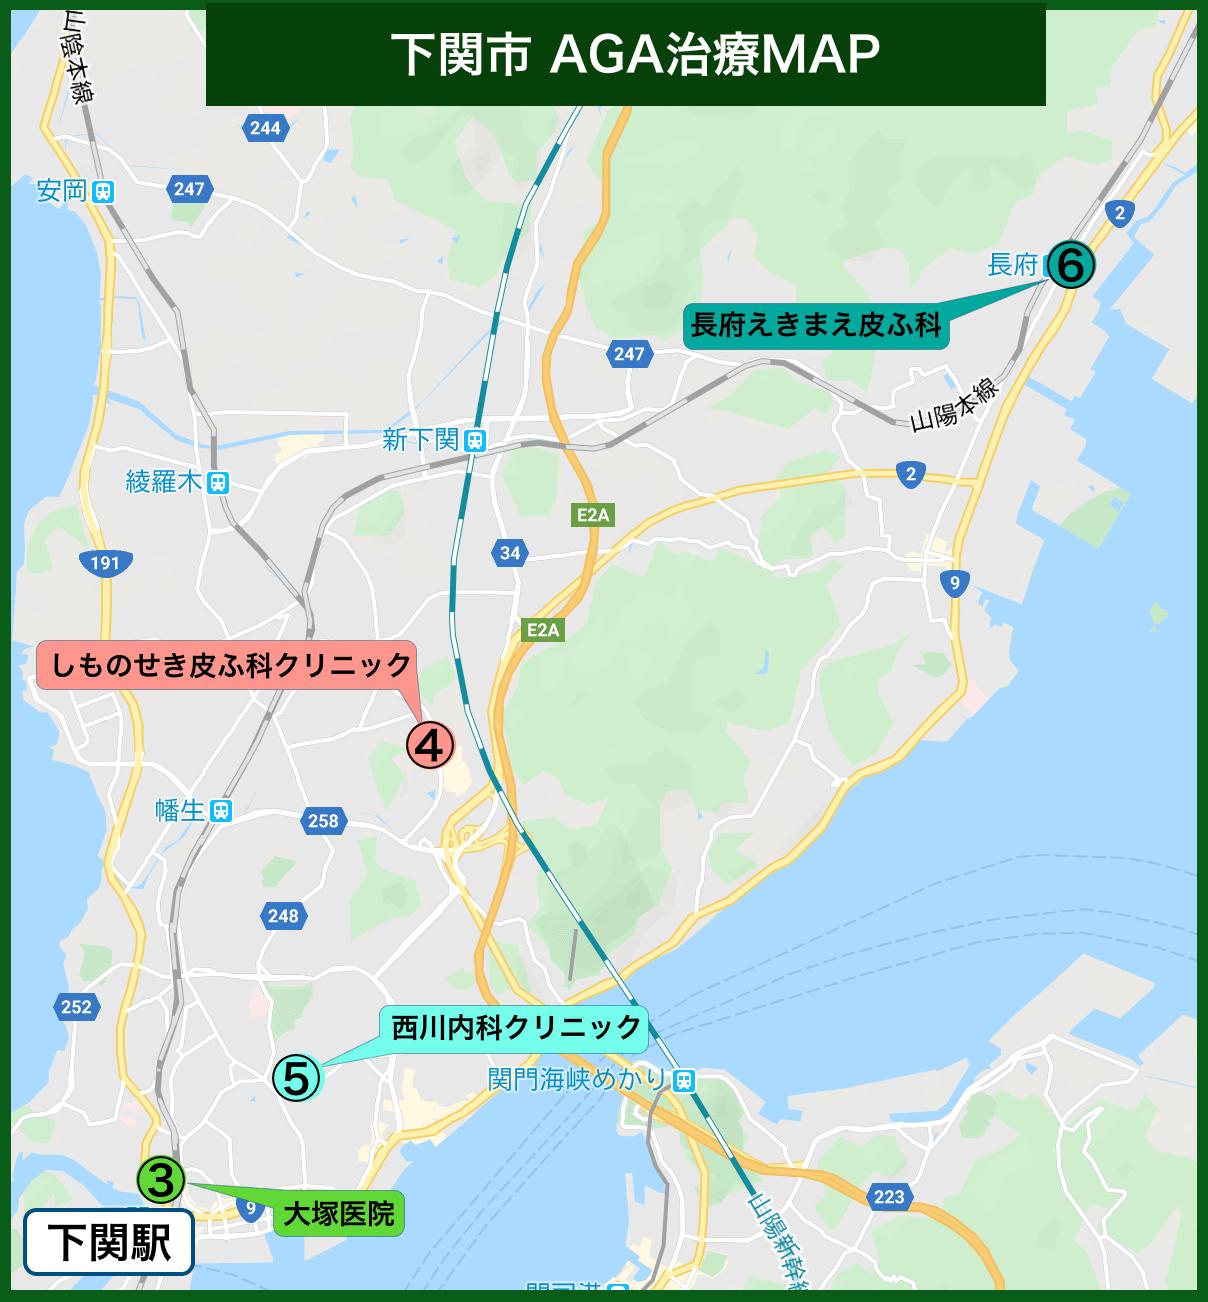 下関市 AGA治療MAP